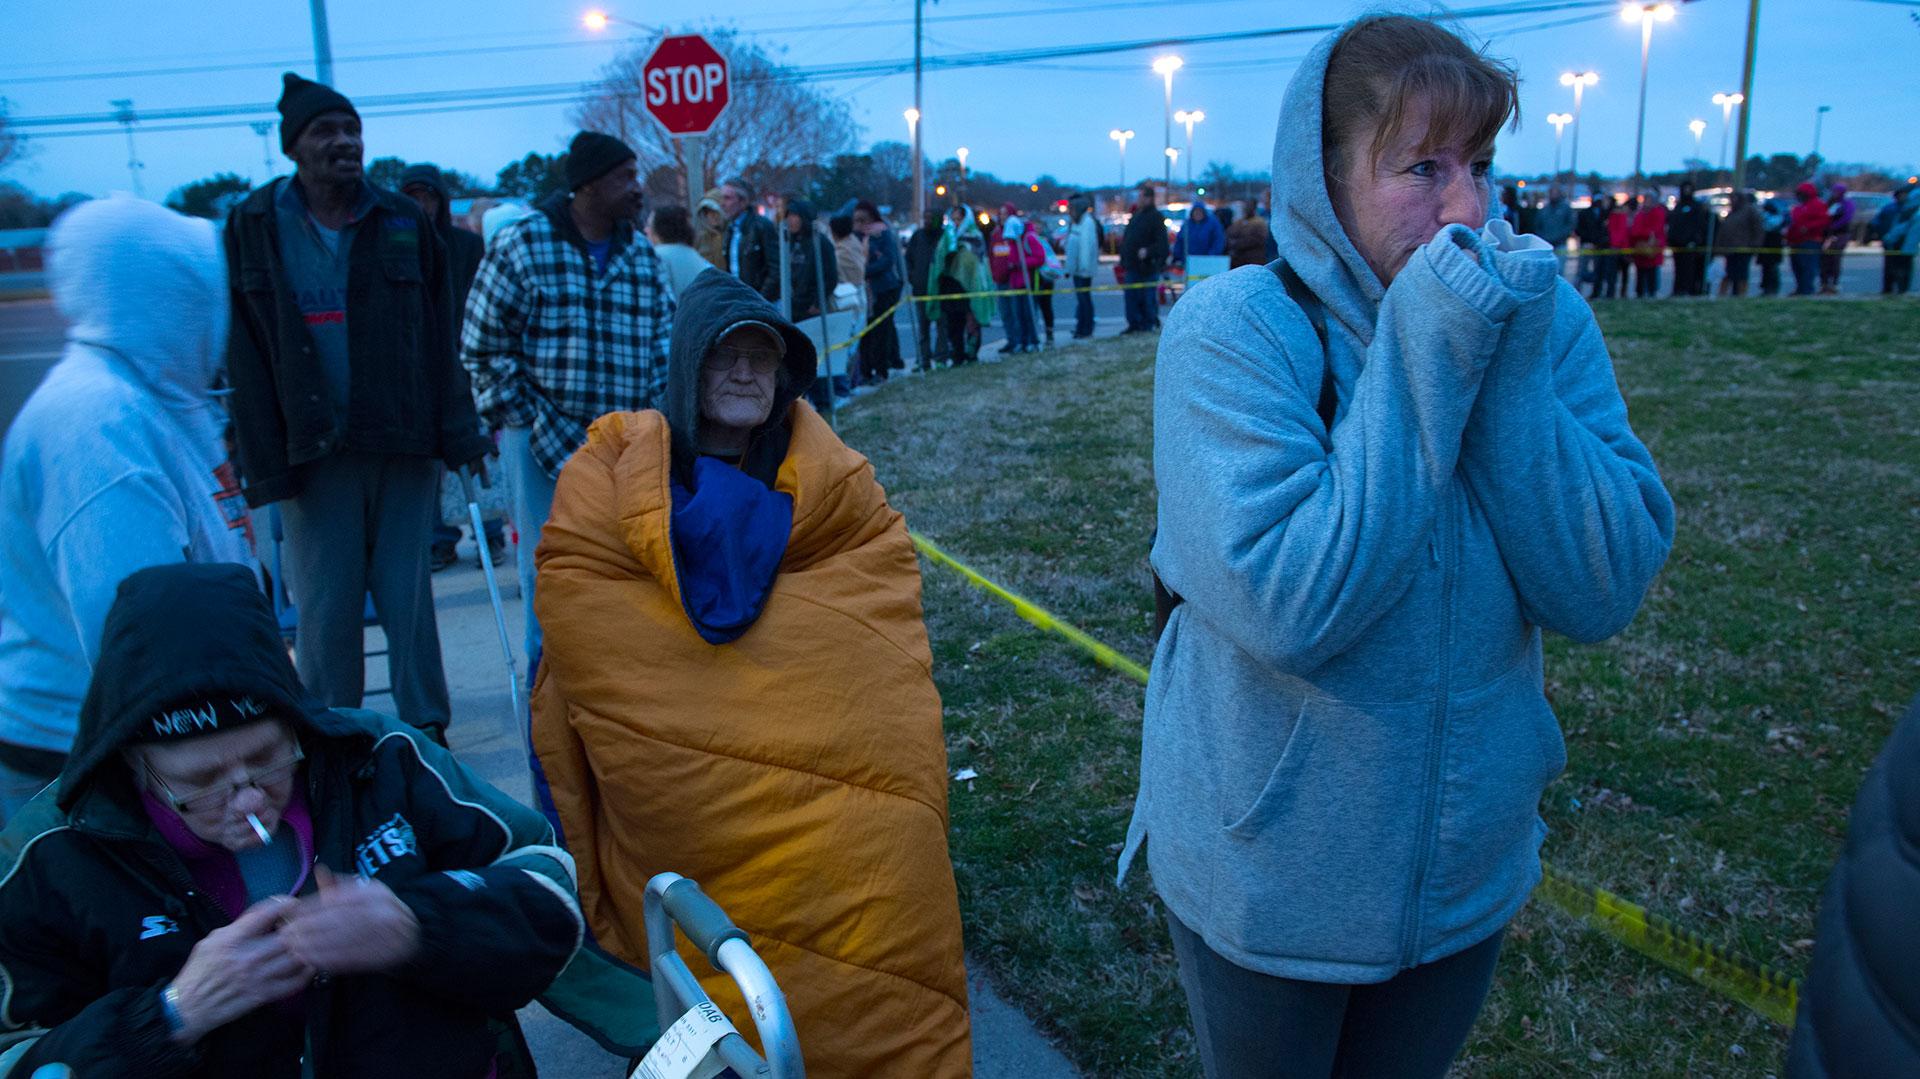 Mil personas esperan su turno para ser atendidas después de años sin consultar odontólogos (The Washington Post)